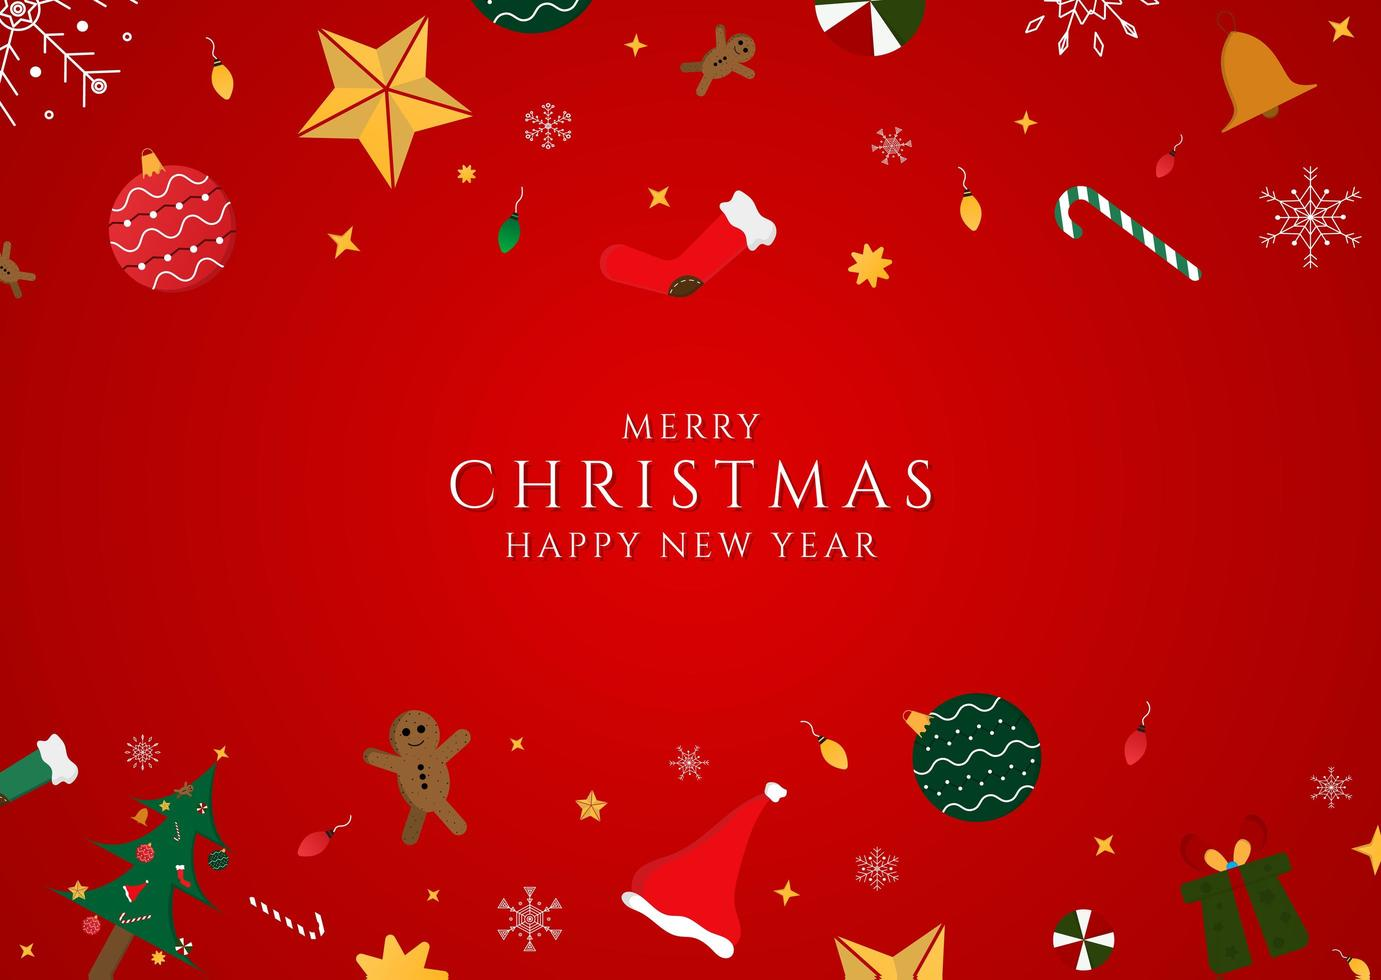 kerstdag gelukkig nieuwjaar rode achtergrond vector